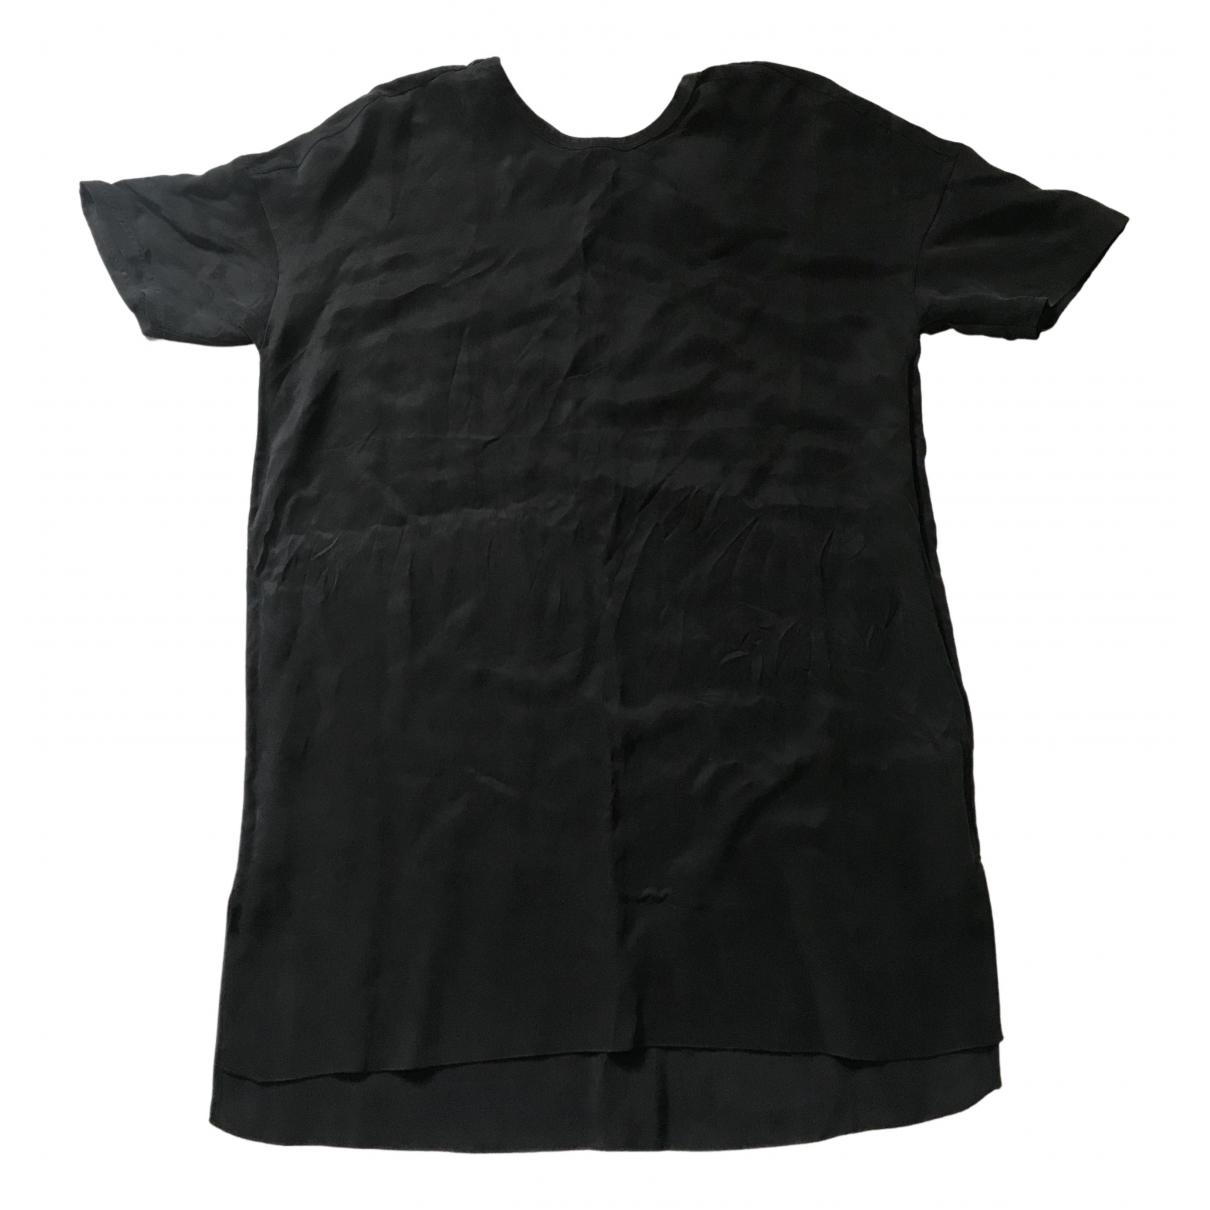 American Vintage - Top   pour femme en coton - anthracite